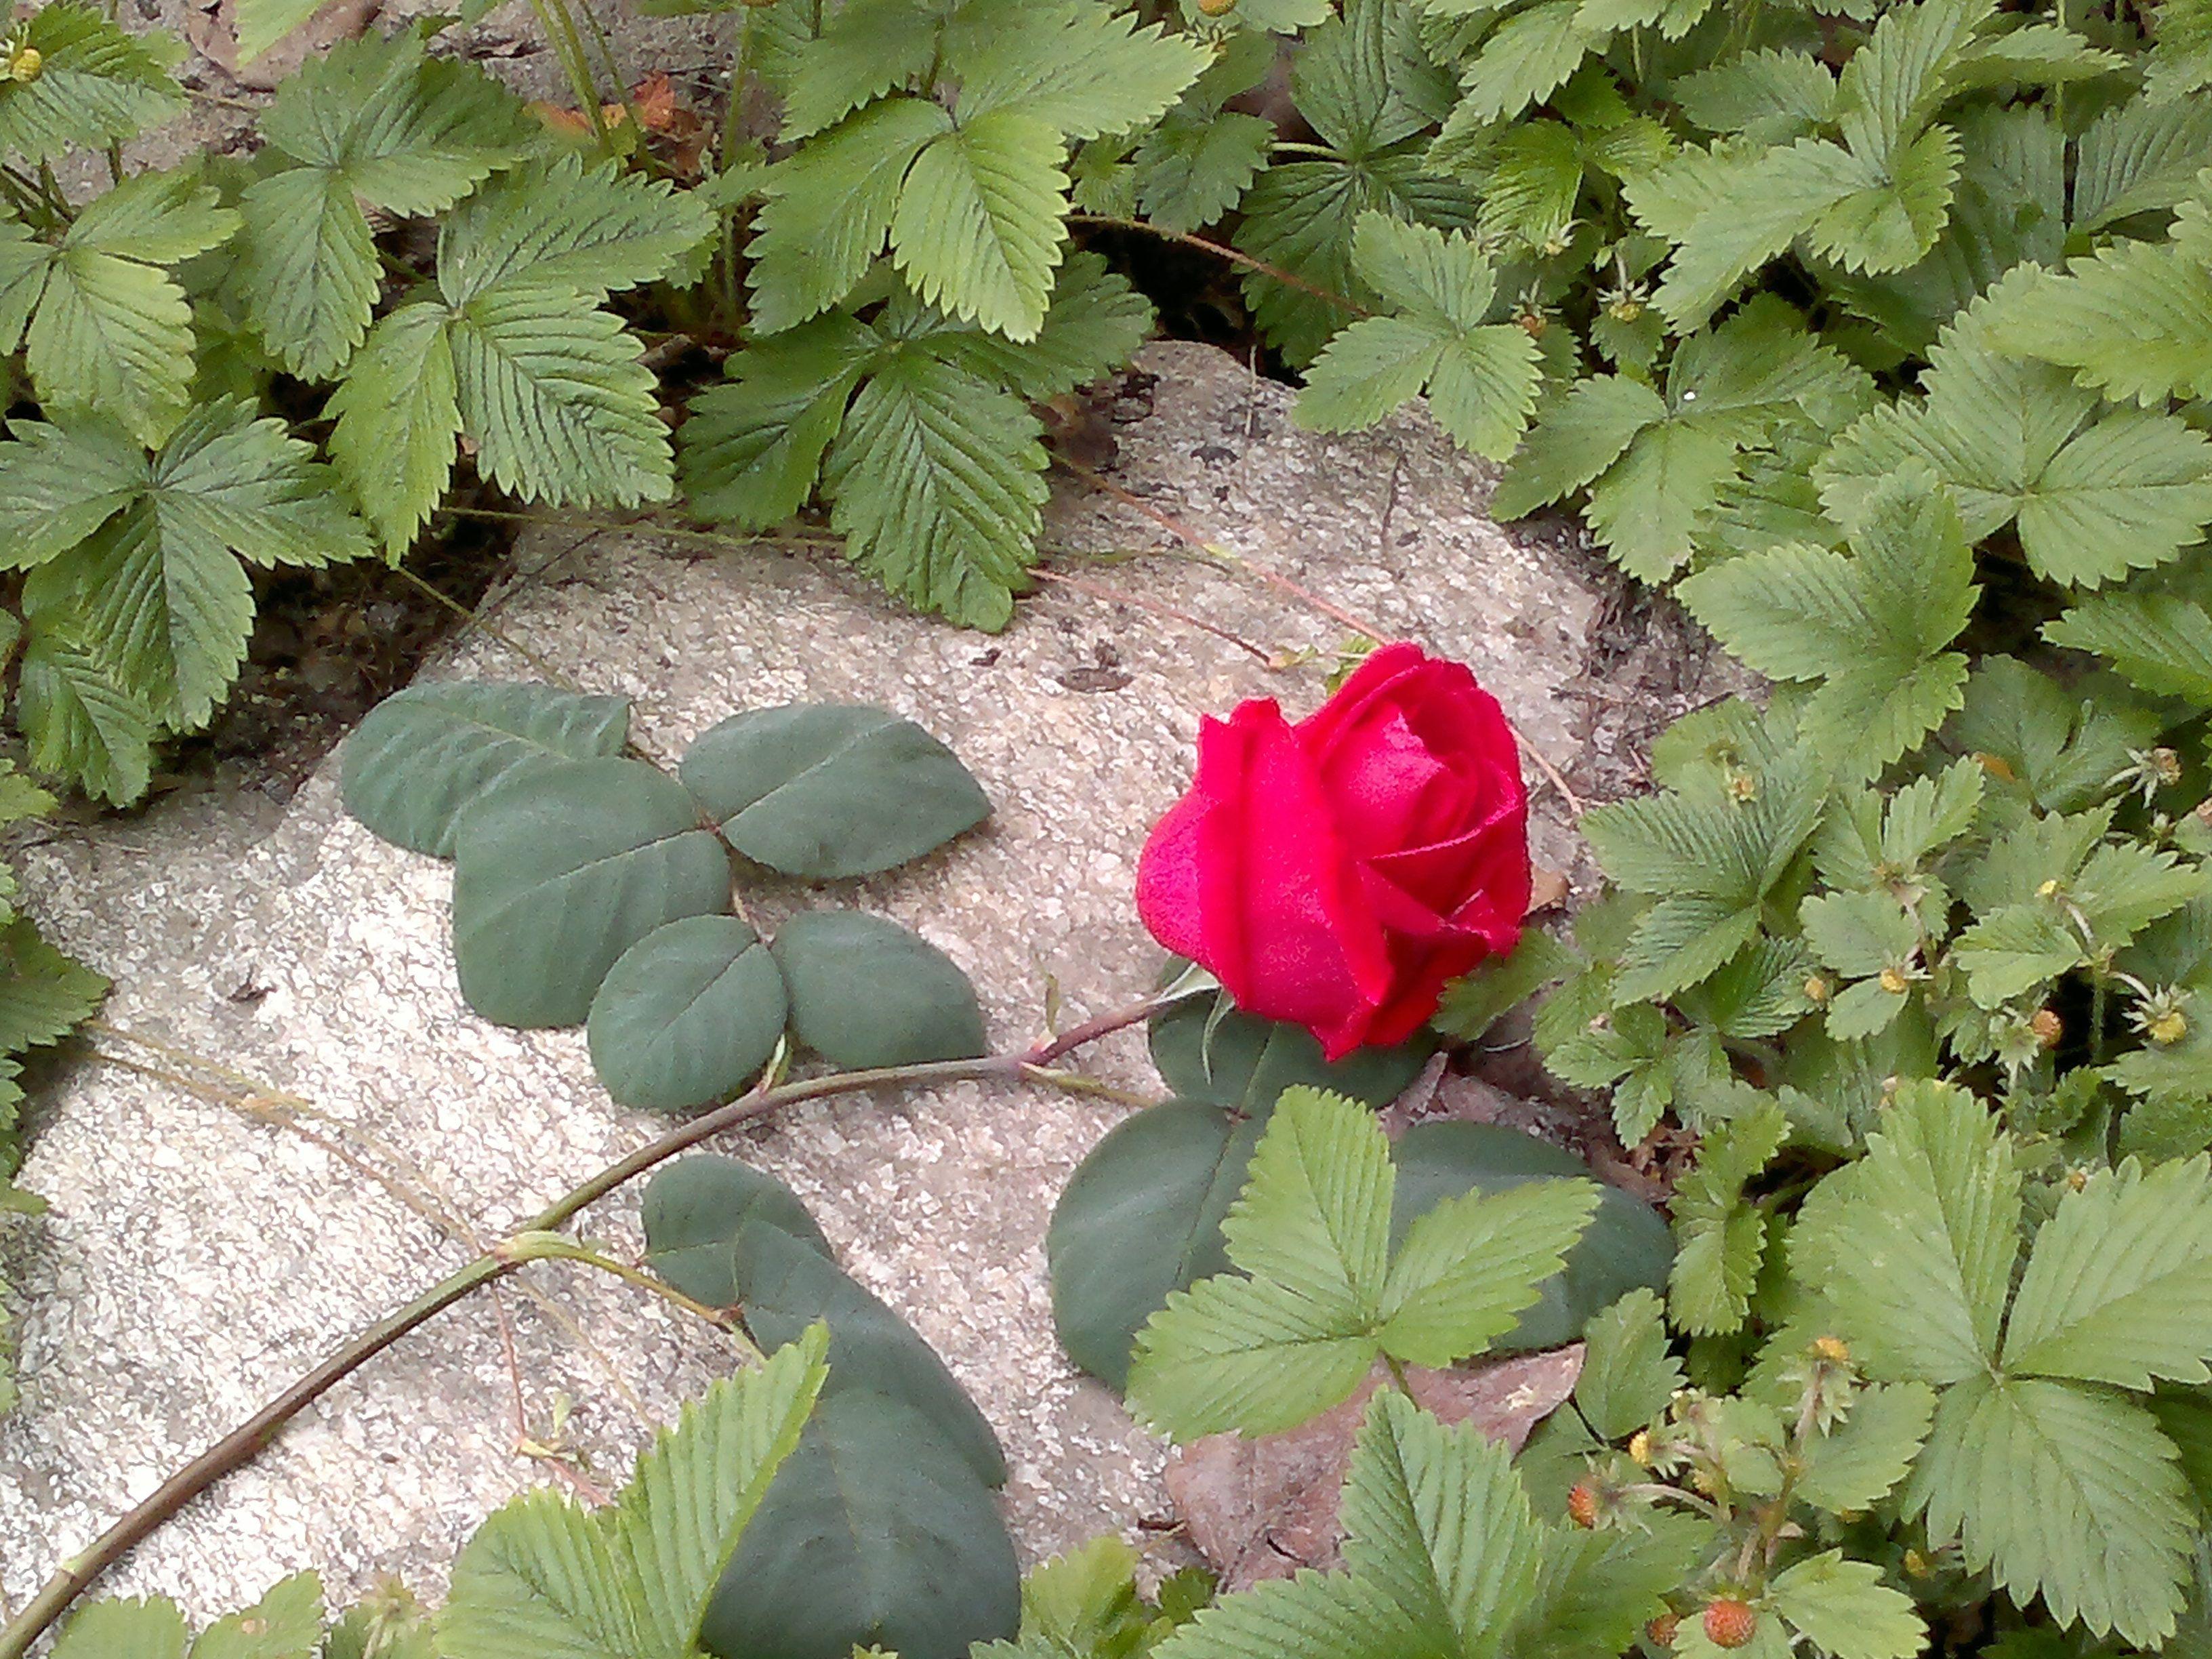 Rosa y fresas de bosque